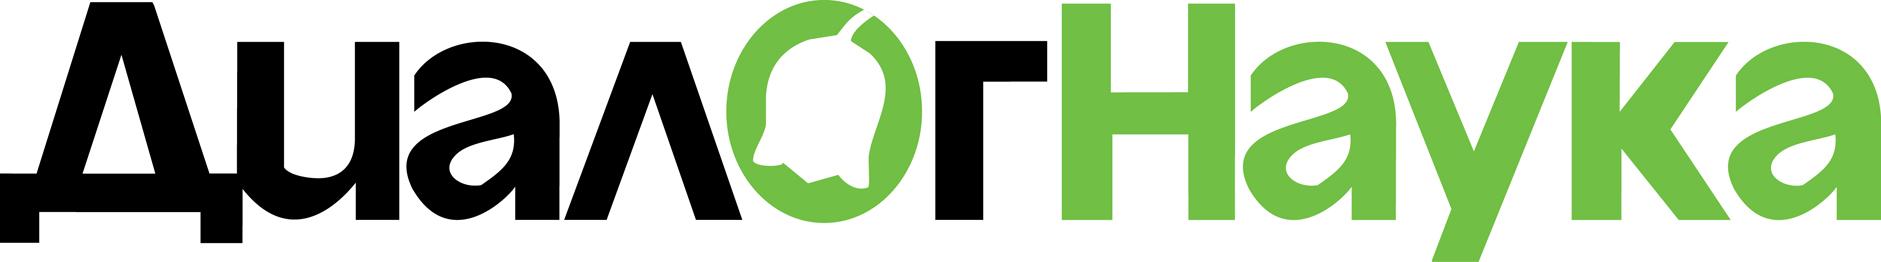 «ДиалогНаука» завершила проект по аттестации информационных систем персональных данных компании «Сирена-Трэвел»